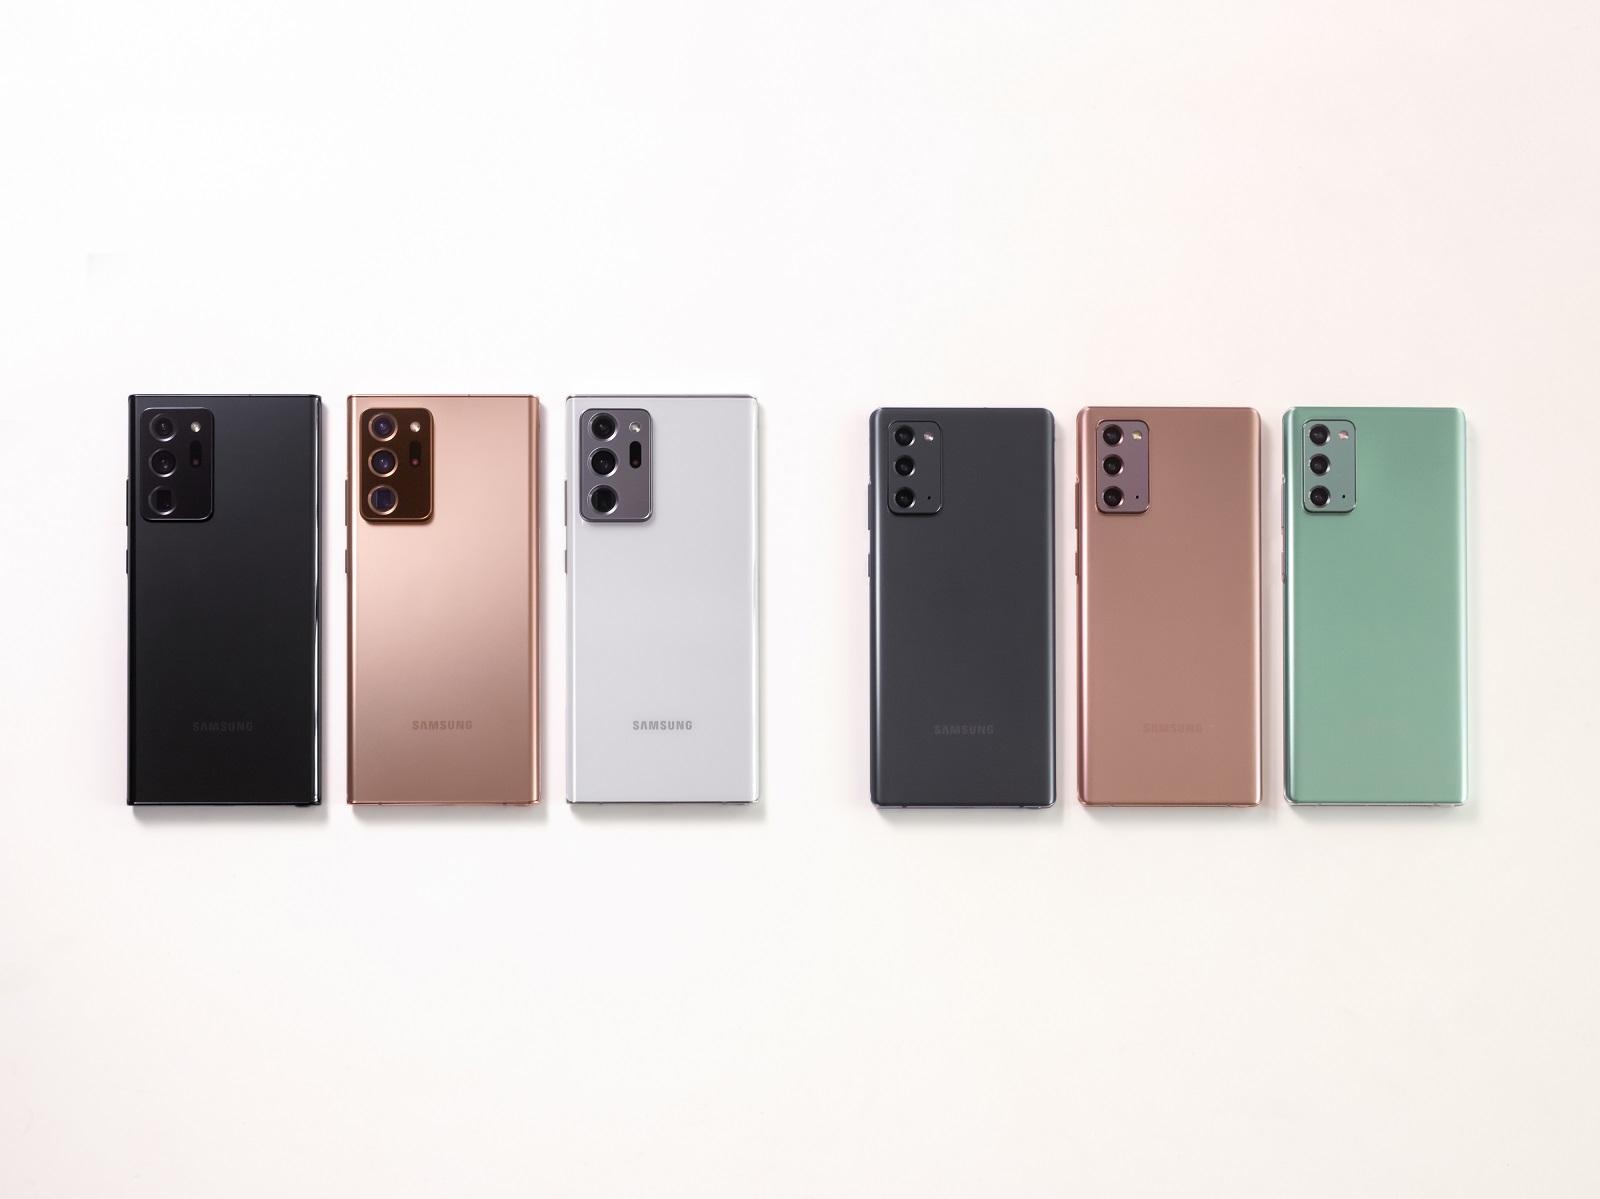 Claro lanza preventa de 24 horas de los nuevos Samsung Galaxy Note20